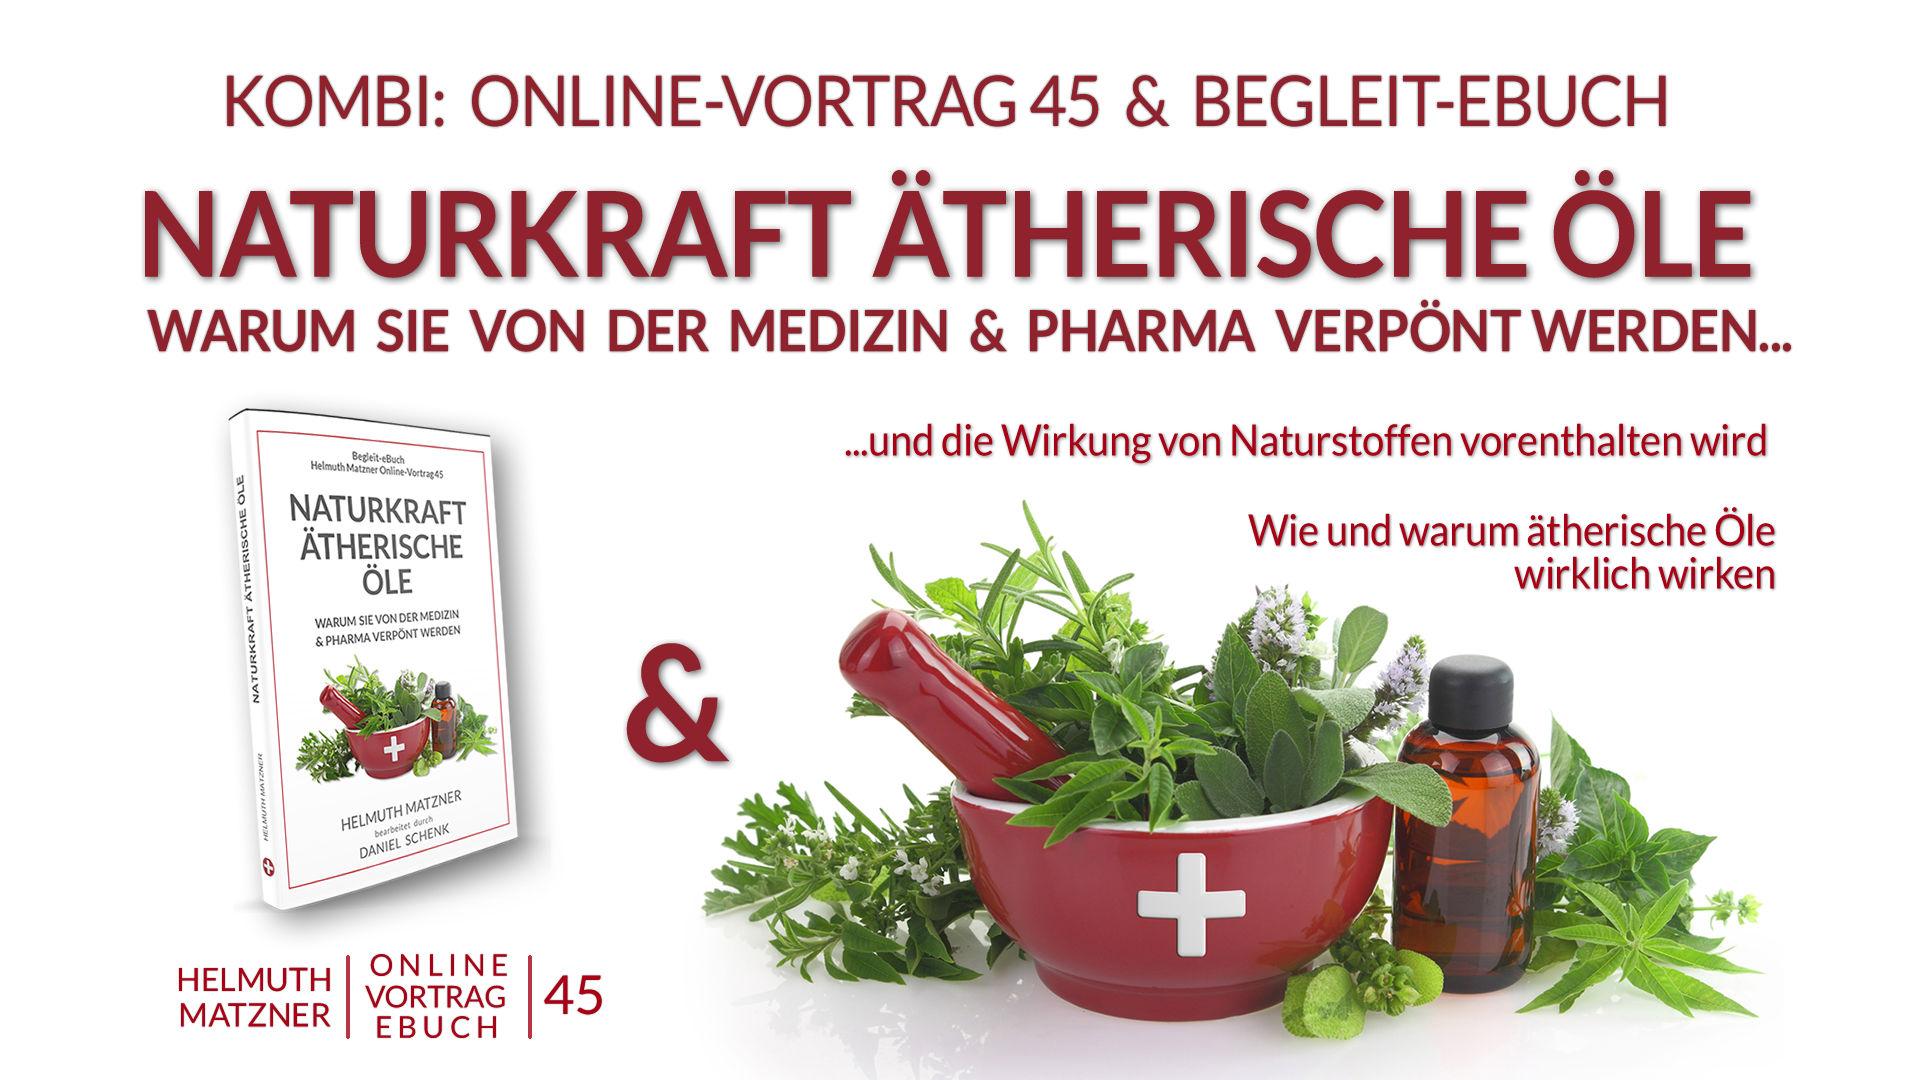 Helmuth Matzner – Online-Vortrag 45 – Naturkraft Ätherische Öle – Kombi – Archiv v05K